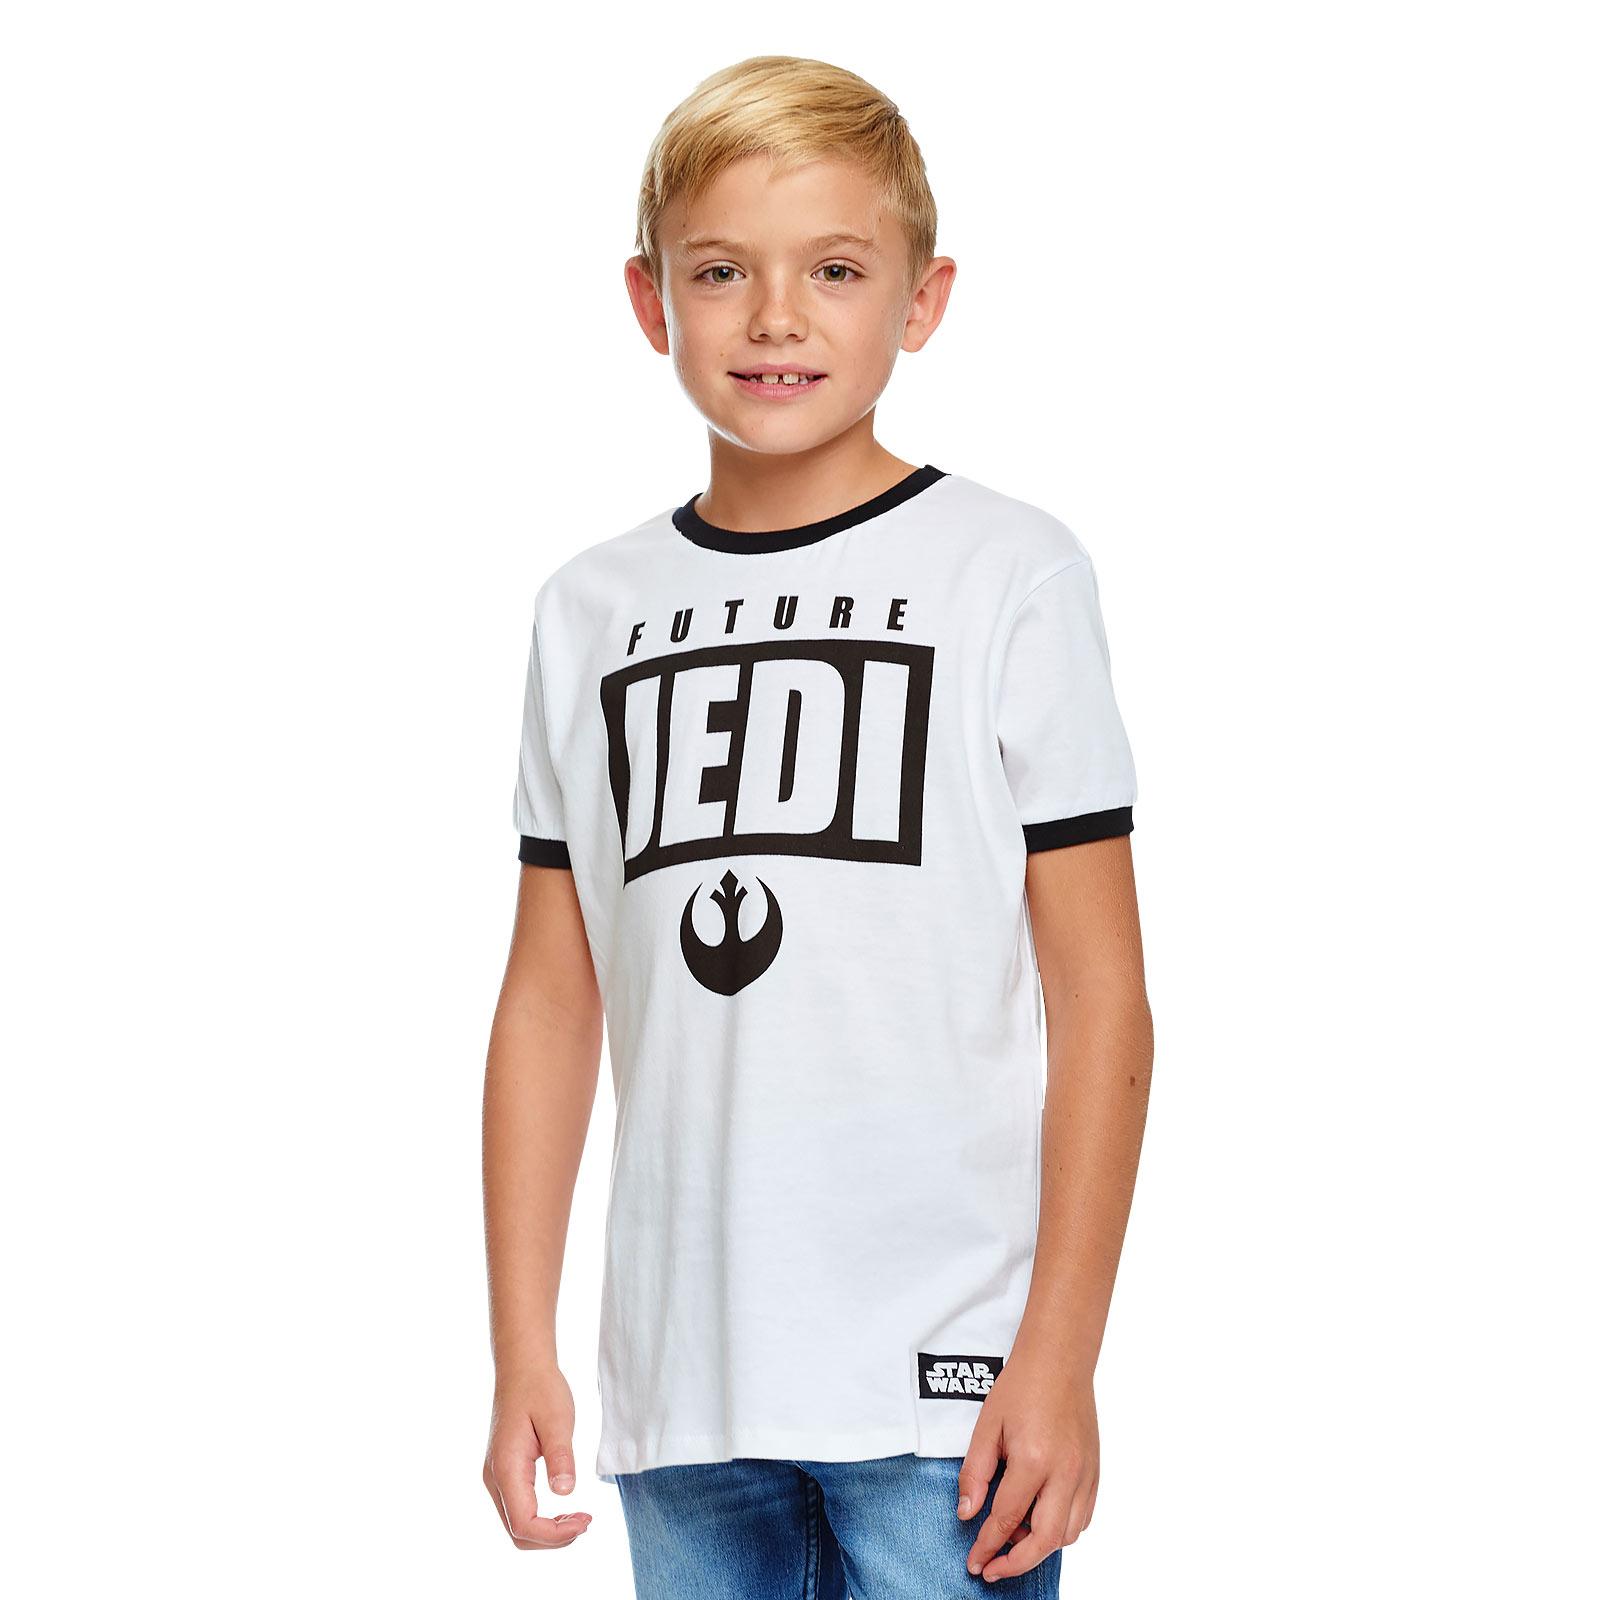 Star Wars - Future Jedi T-Shirt Kinder weiß